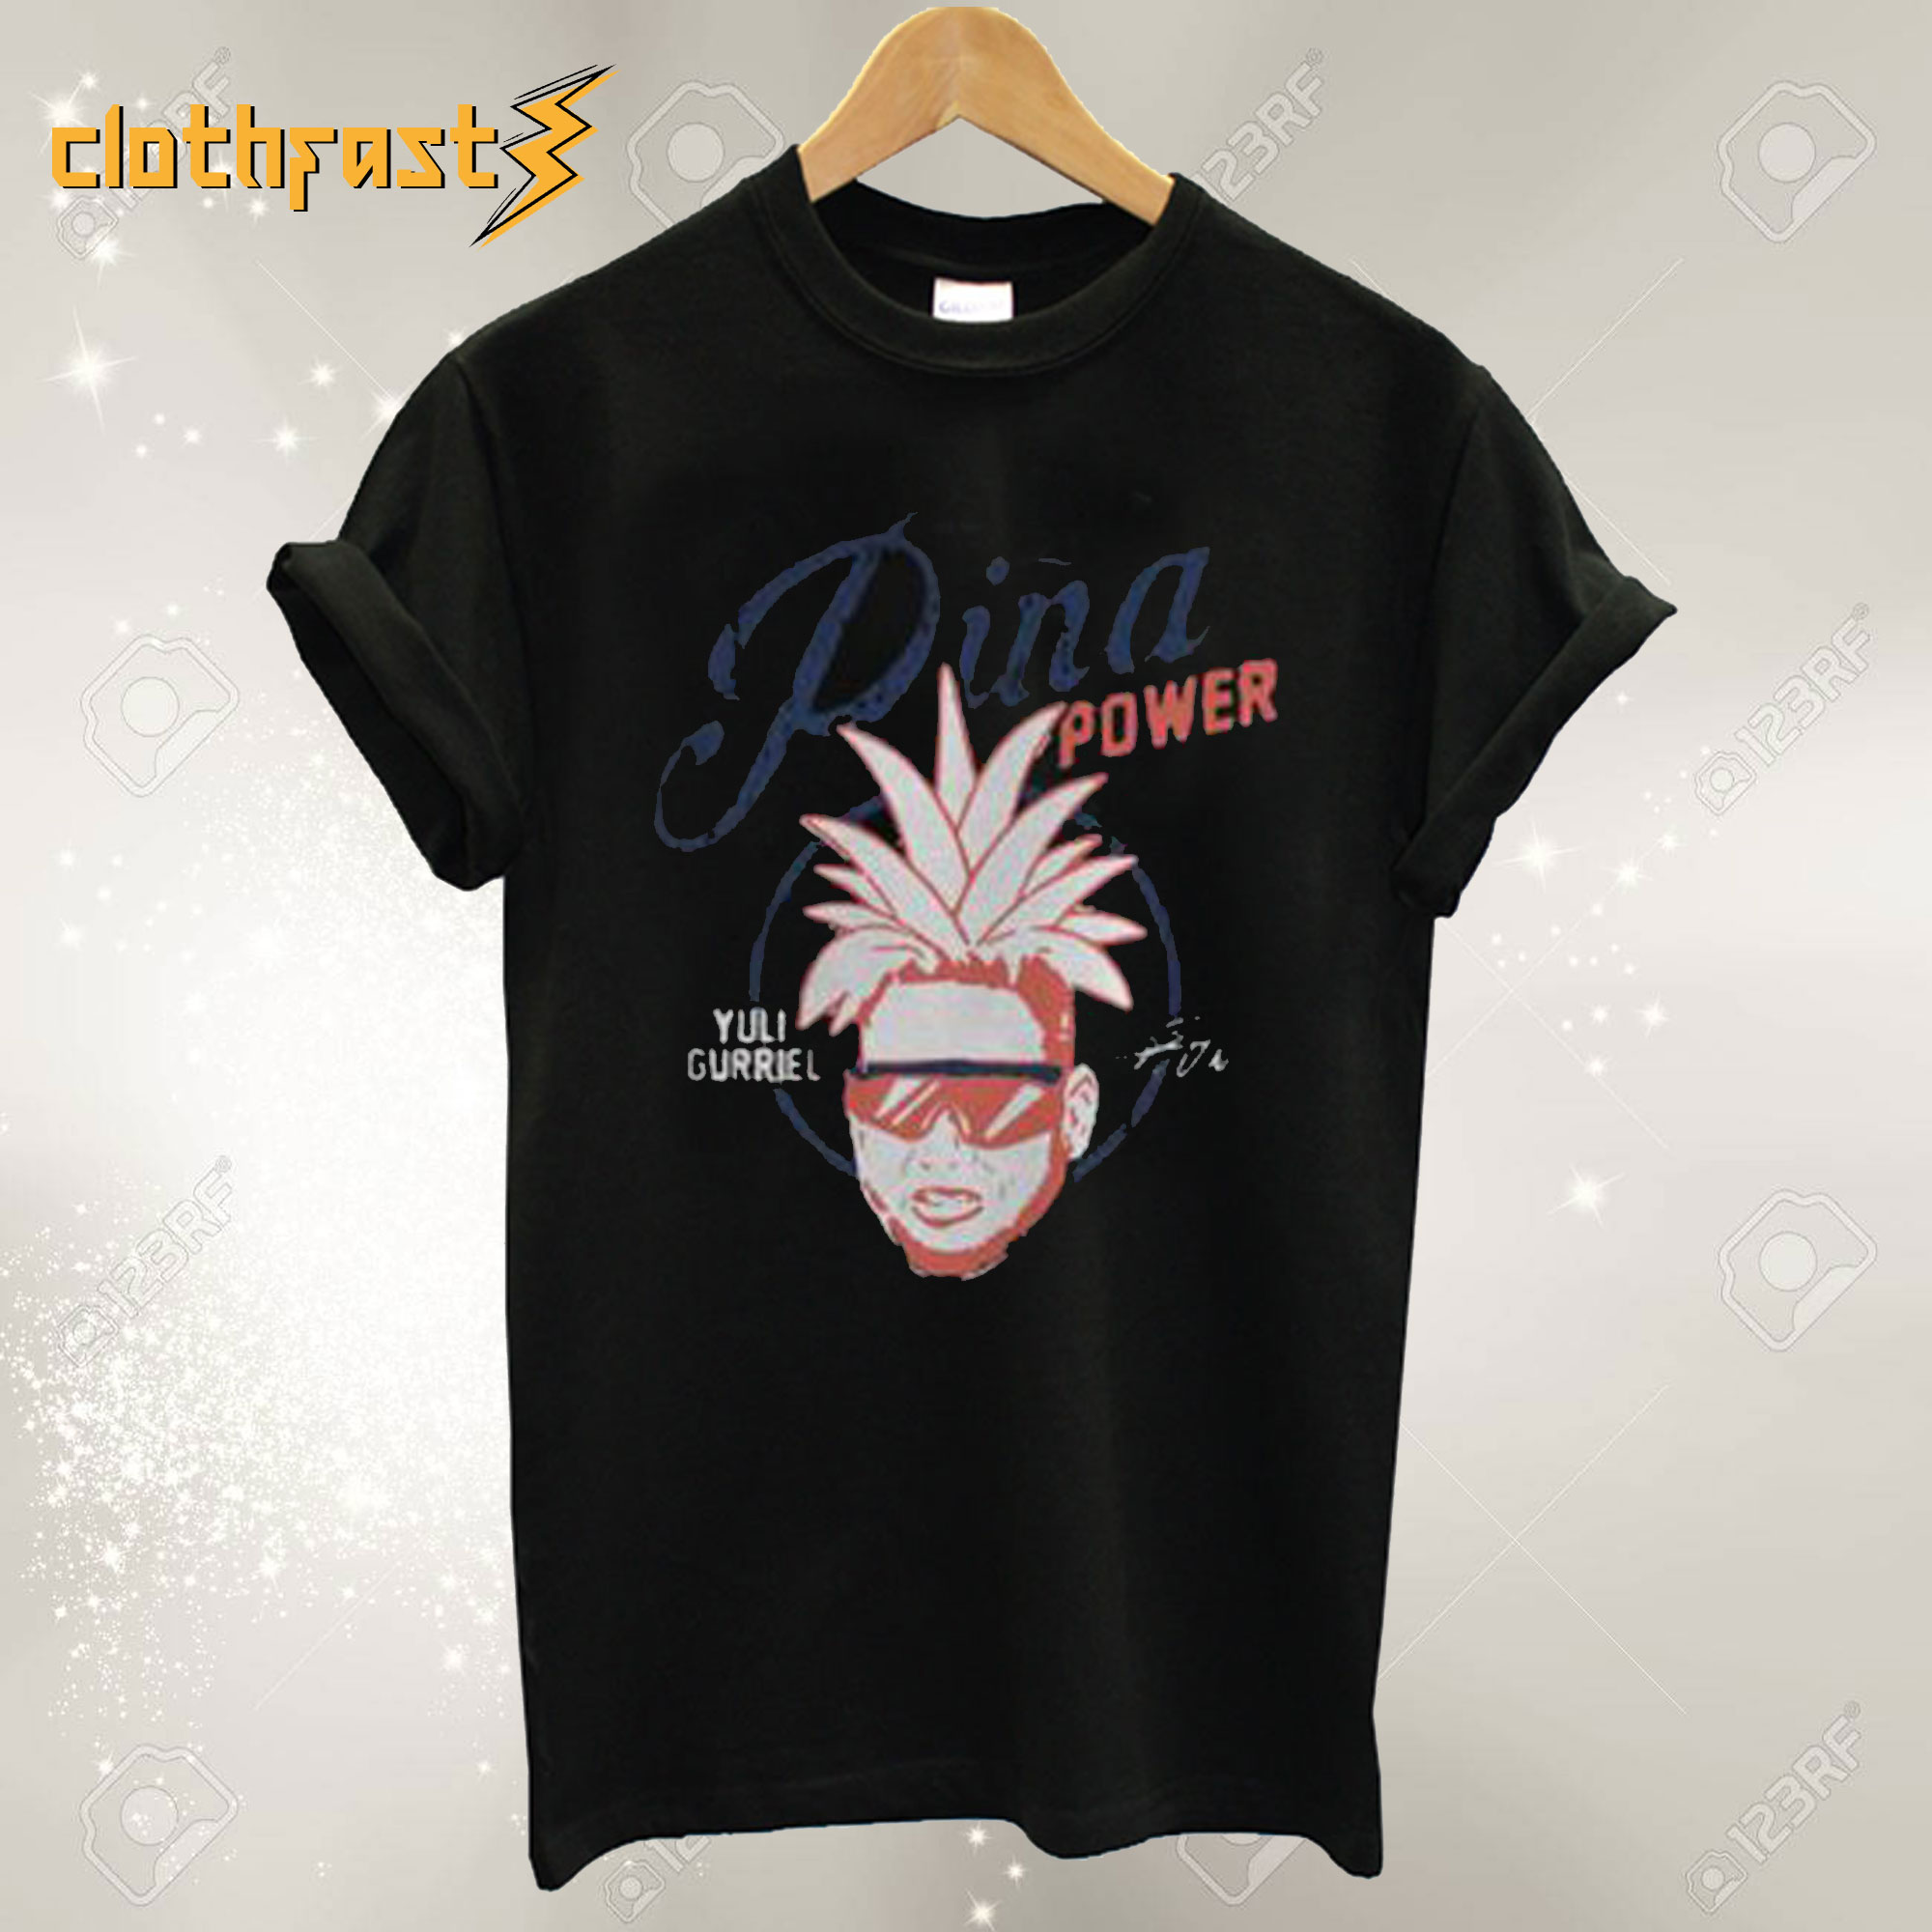 Yuli Gurriel Pina Power T shirt